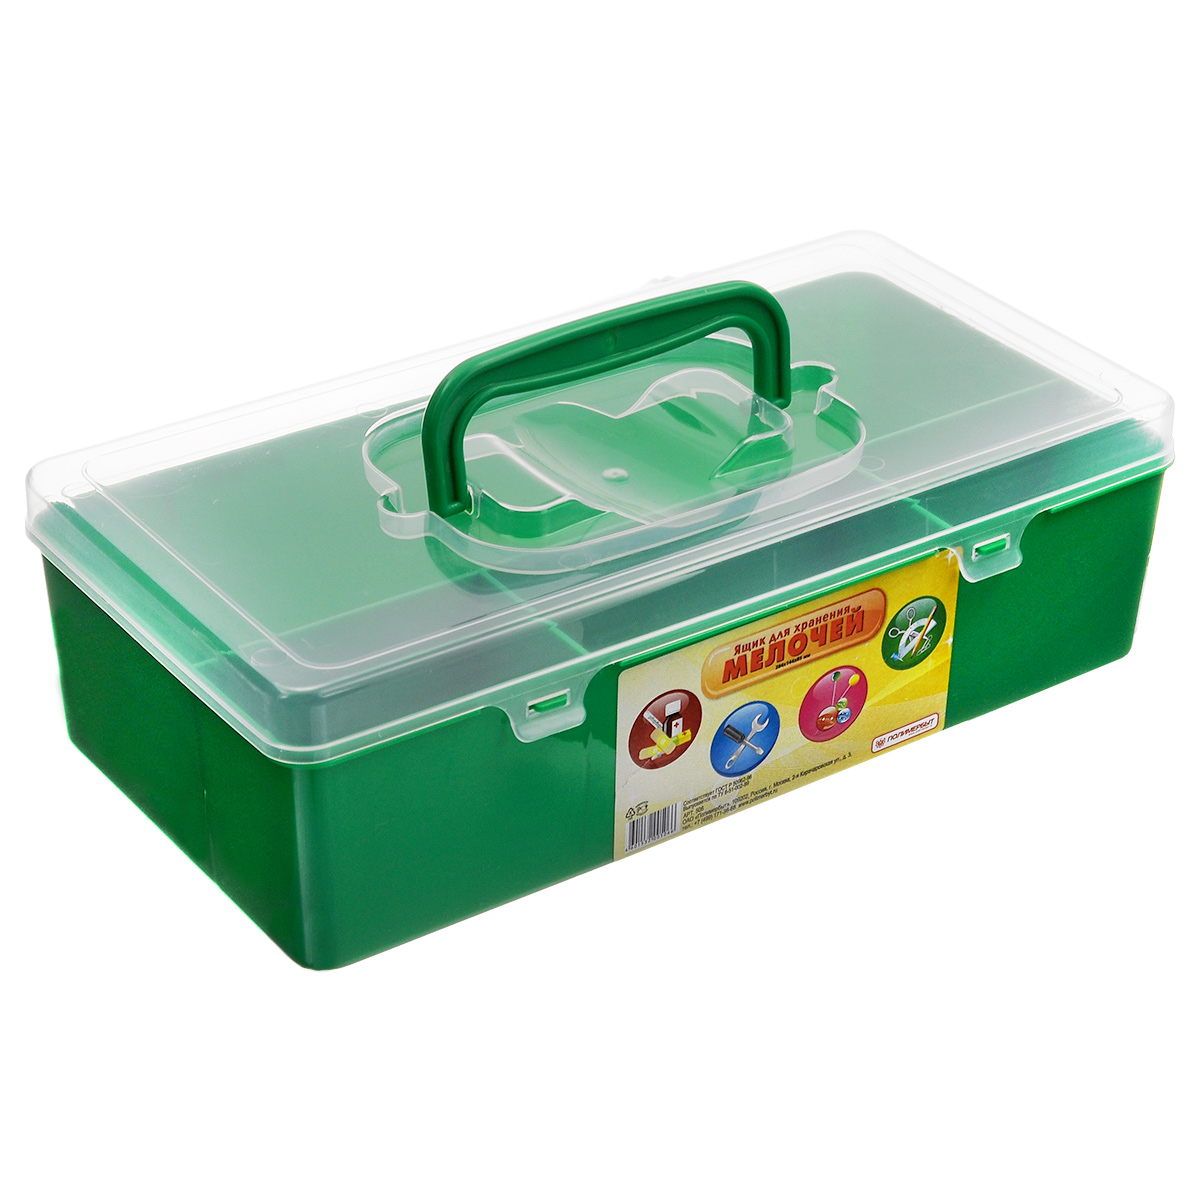 Ящик для мелочей Полимербыт, цвет: зеленый, прозрачный, 28,4 см х 14,4 см х 8,5 смCLP446Ящик Полимербыт, выполненный из прочного пластика, предназначен для хранения различных мелких вещей. Внутри имеются 4 отделения различных размеров: большое, среднее и два маленьких. Ящик закрывается при помощи прозрачной крышки, на которой расположена удобная ручка для переноски. Ящик Полимербыт поможет хранить все в одном месте, а также защитит вещи от пыли, грязи и влаги.Размеры отделений:Размер большого отделения: 28,4 см х 9 см х 8,5 см; Размер среднего отделения: 11,3 см х 4,7 см х 8,5 см; Размер малого отделения: 8 см х 4,7 см х 8,5 см.